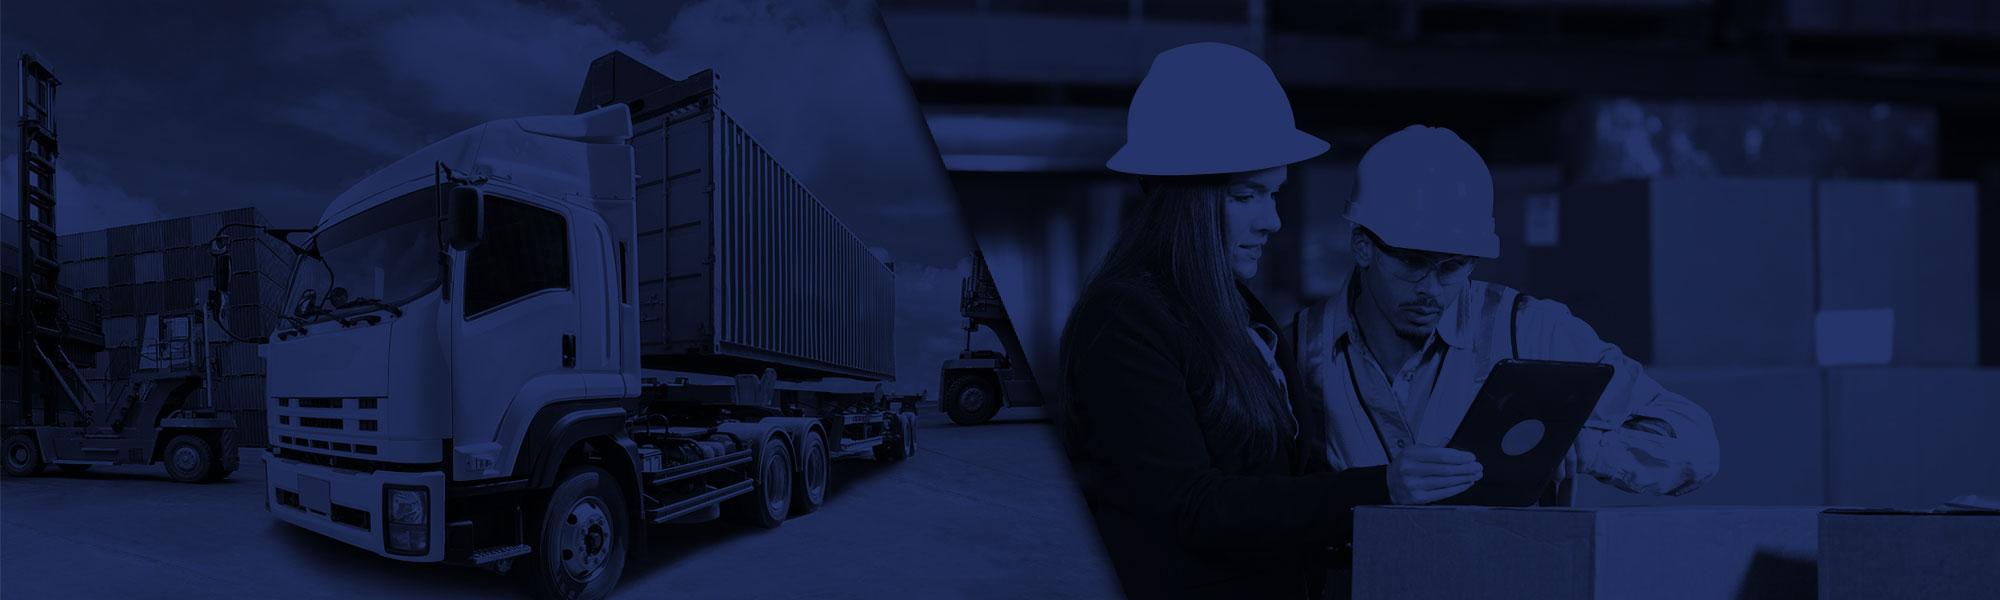 plataforma de gestão logistica-sylog tecnologia